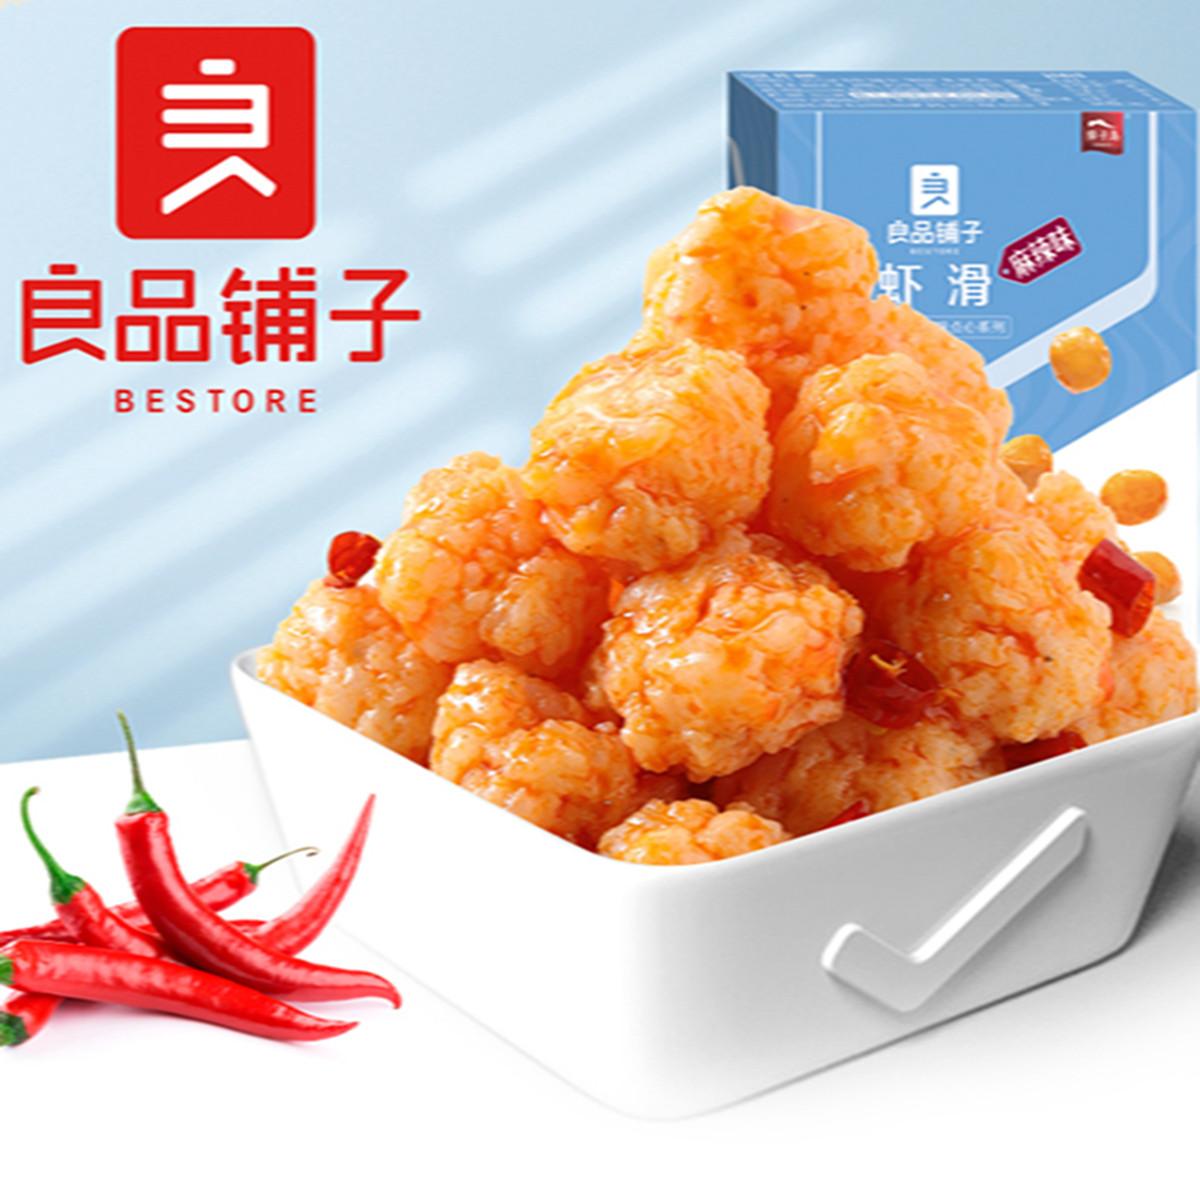 良品铺子虾滑60gX1袋火麻辣味即食虾丸虾球熟食零食COLOR虾滑60g